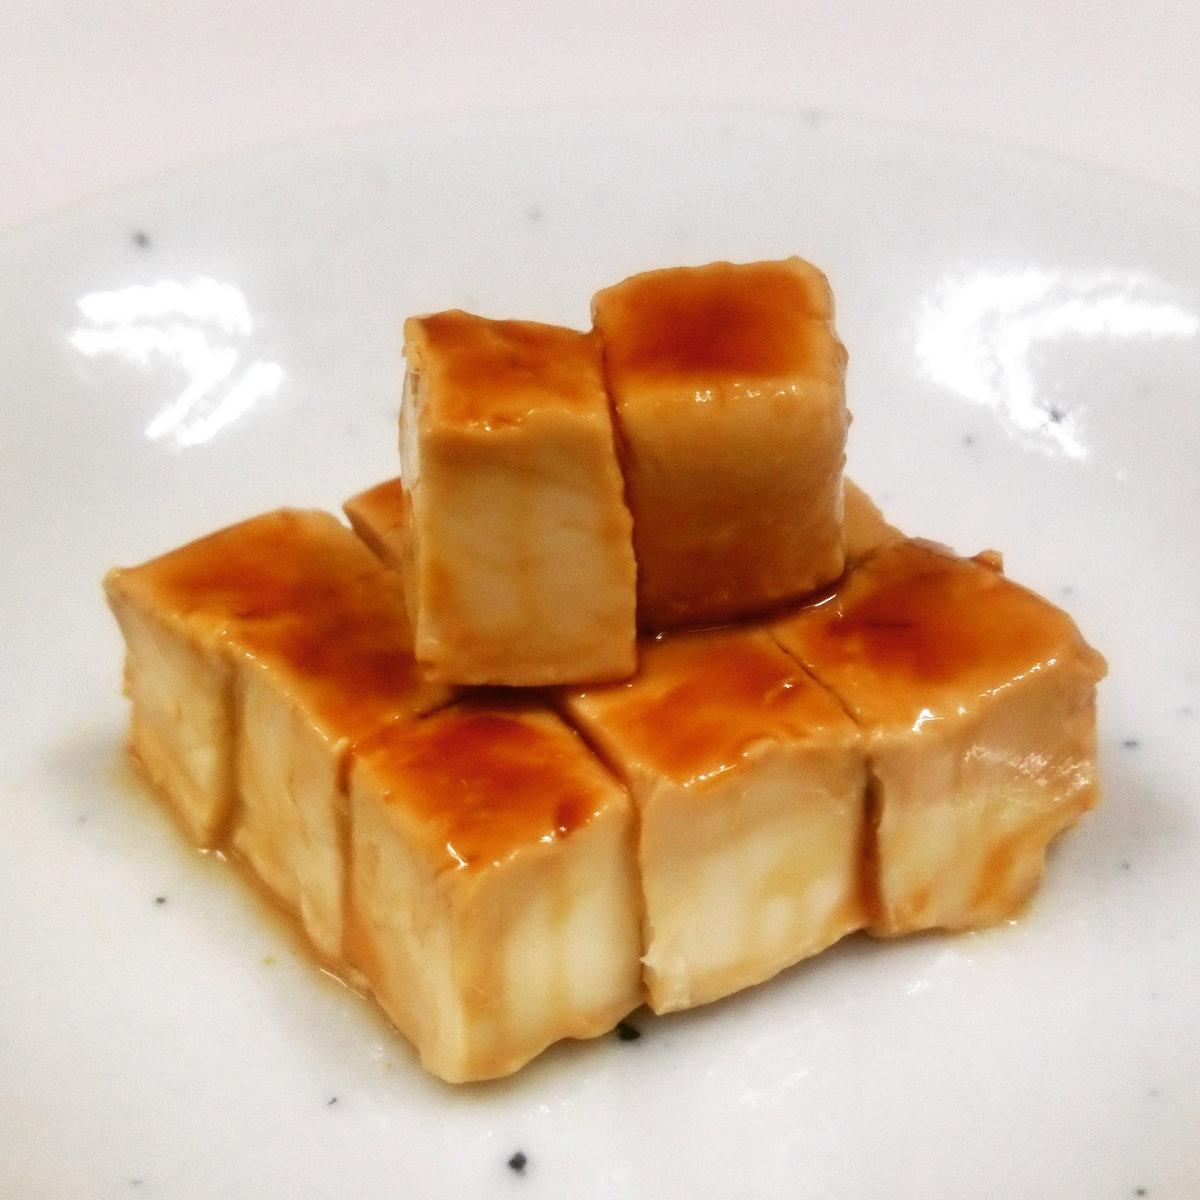 三原食品 芳醇な香り たまり漬クリームチーズ 6個セット〔75g×6〕